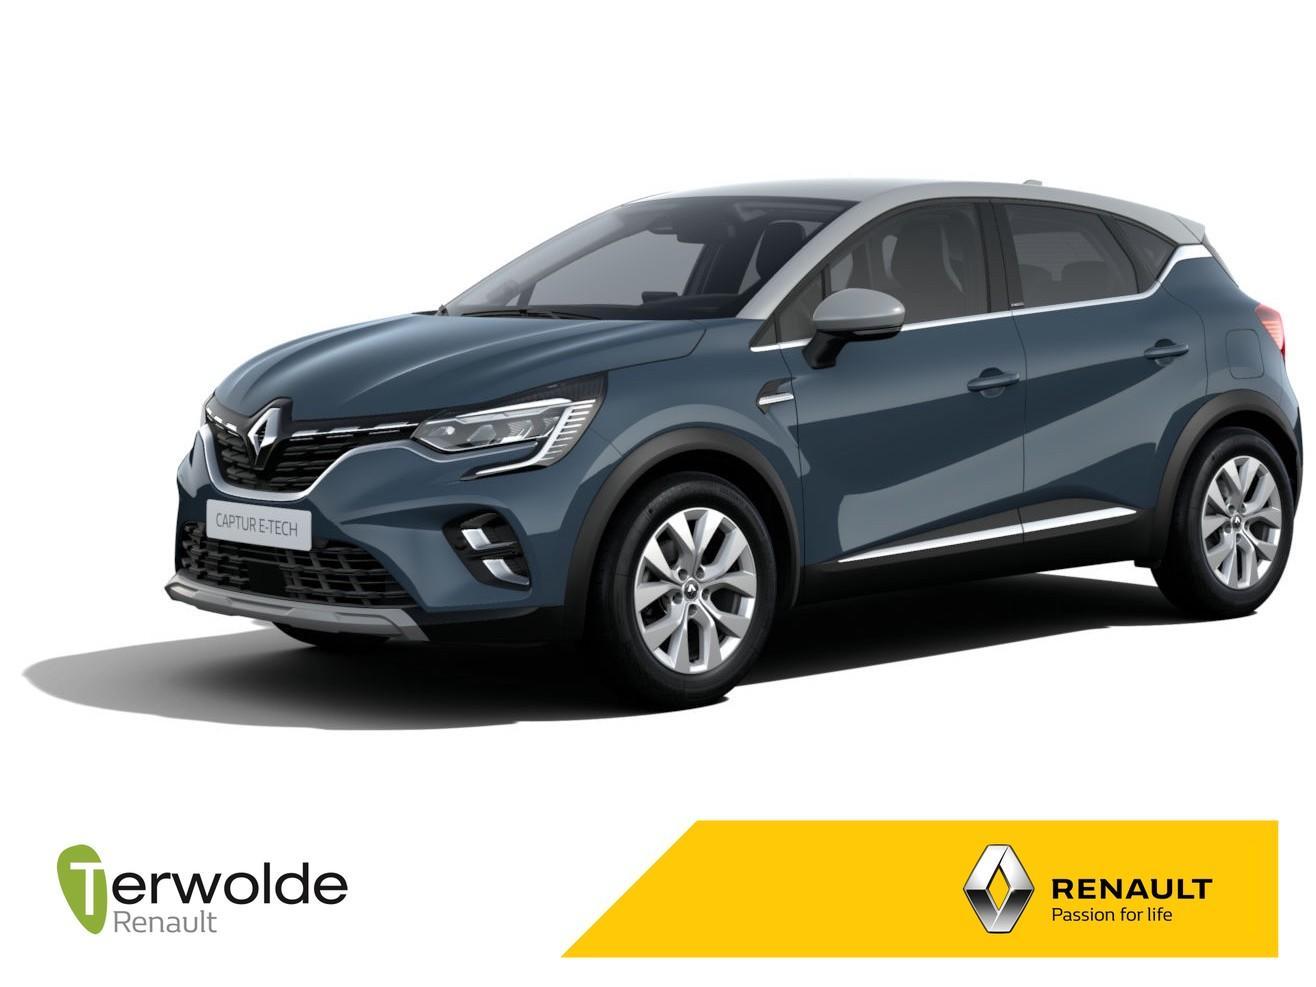 Renault Captur 1.6 plug-in hybrid intens private lease vanaf €349,-! eur 2615,- korting! financiering tegen 2,5% rente!